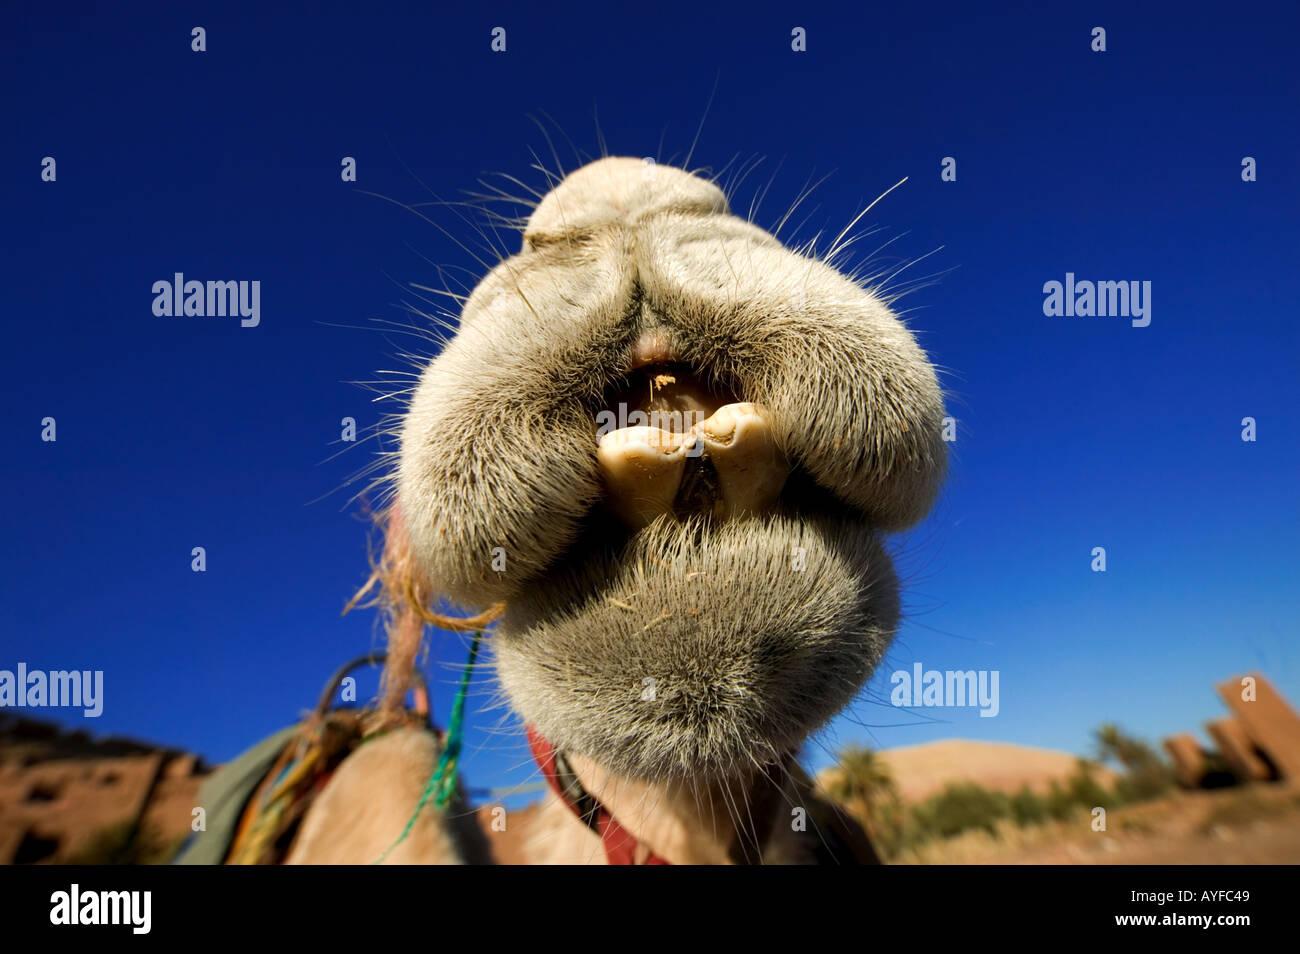 Kamel Camelus Dromedare gehen können 7 Tage ohne Nahrung und Wasser und ein Viertel seiner Körper Gewicht Nordafrika und der arabischen verlieren können Stockbild